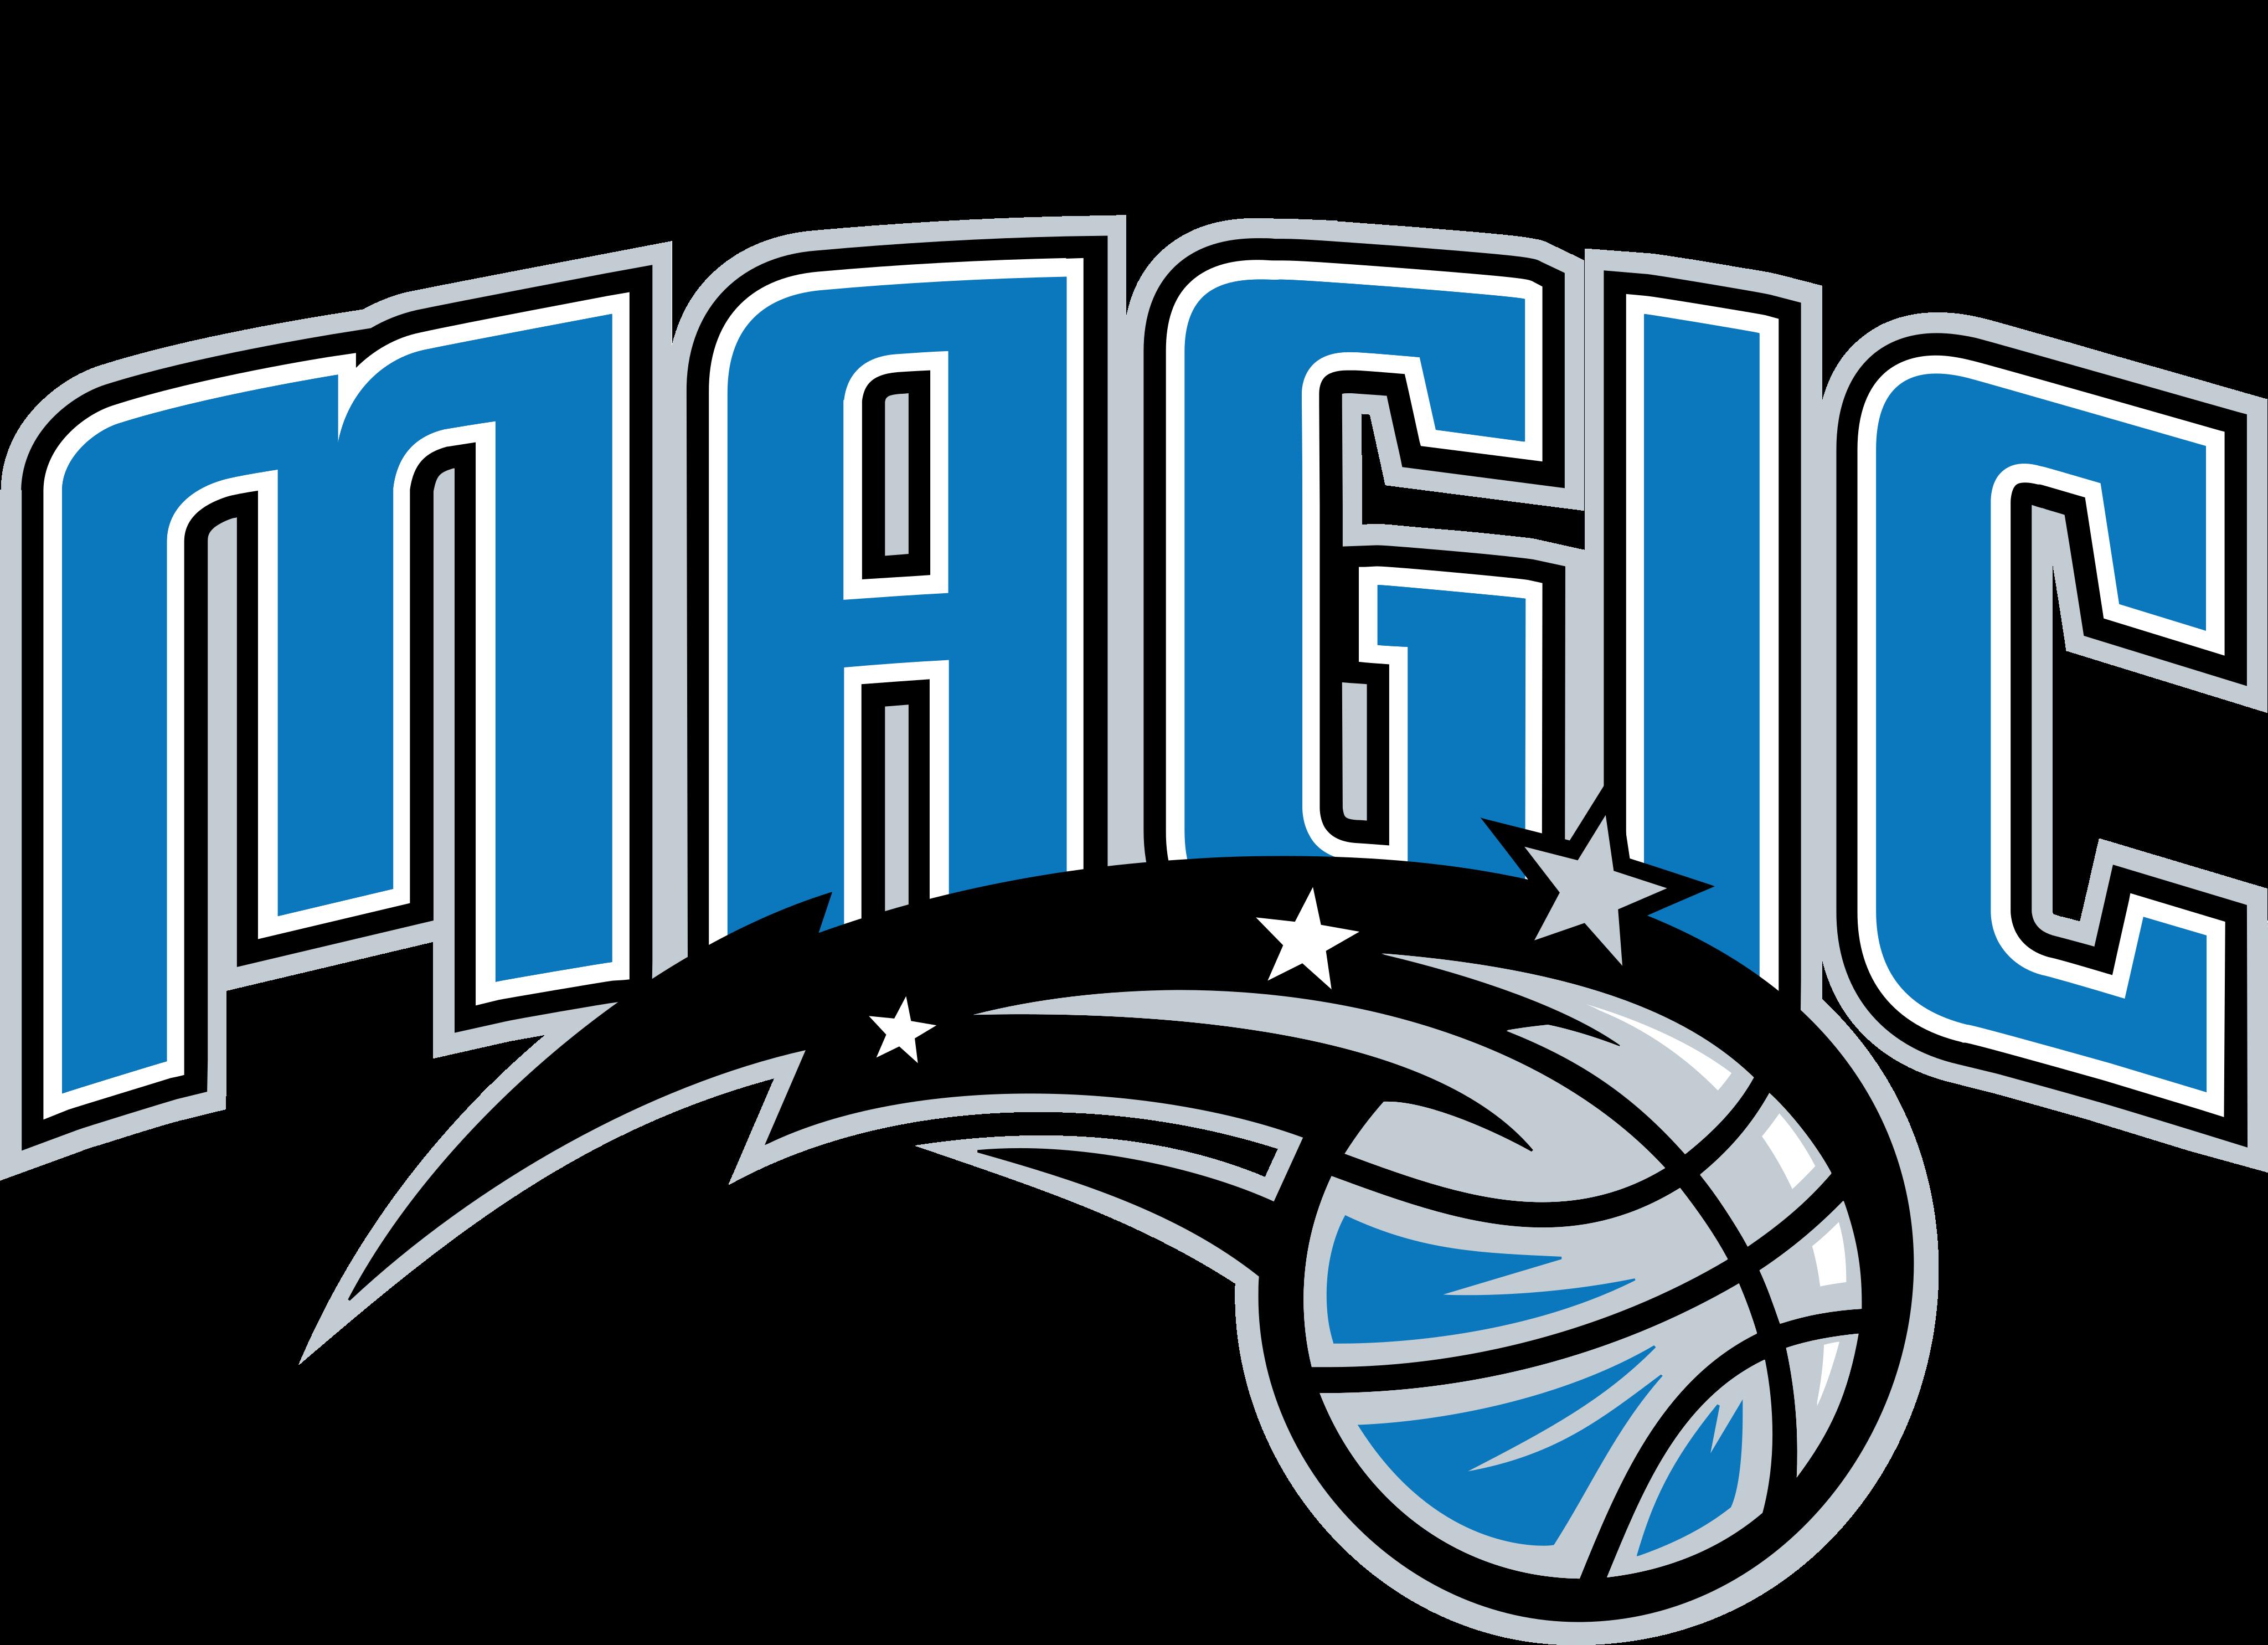 orlando magic logo 1 - Orlando Magic Logo